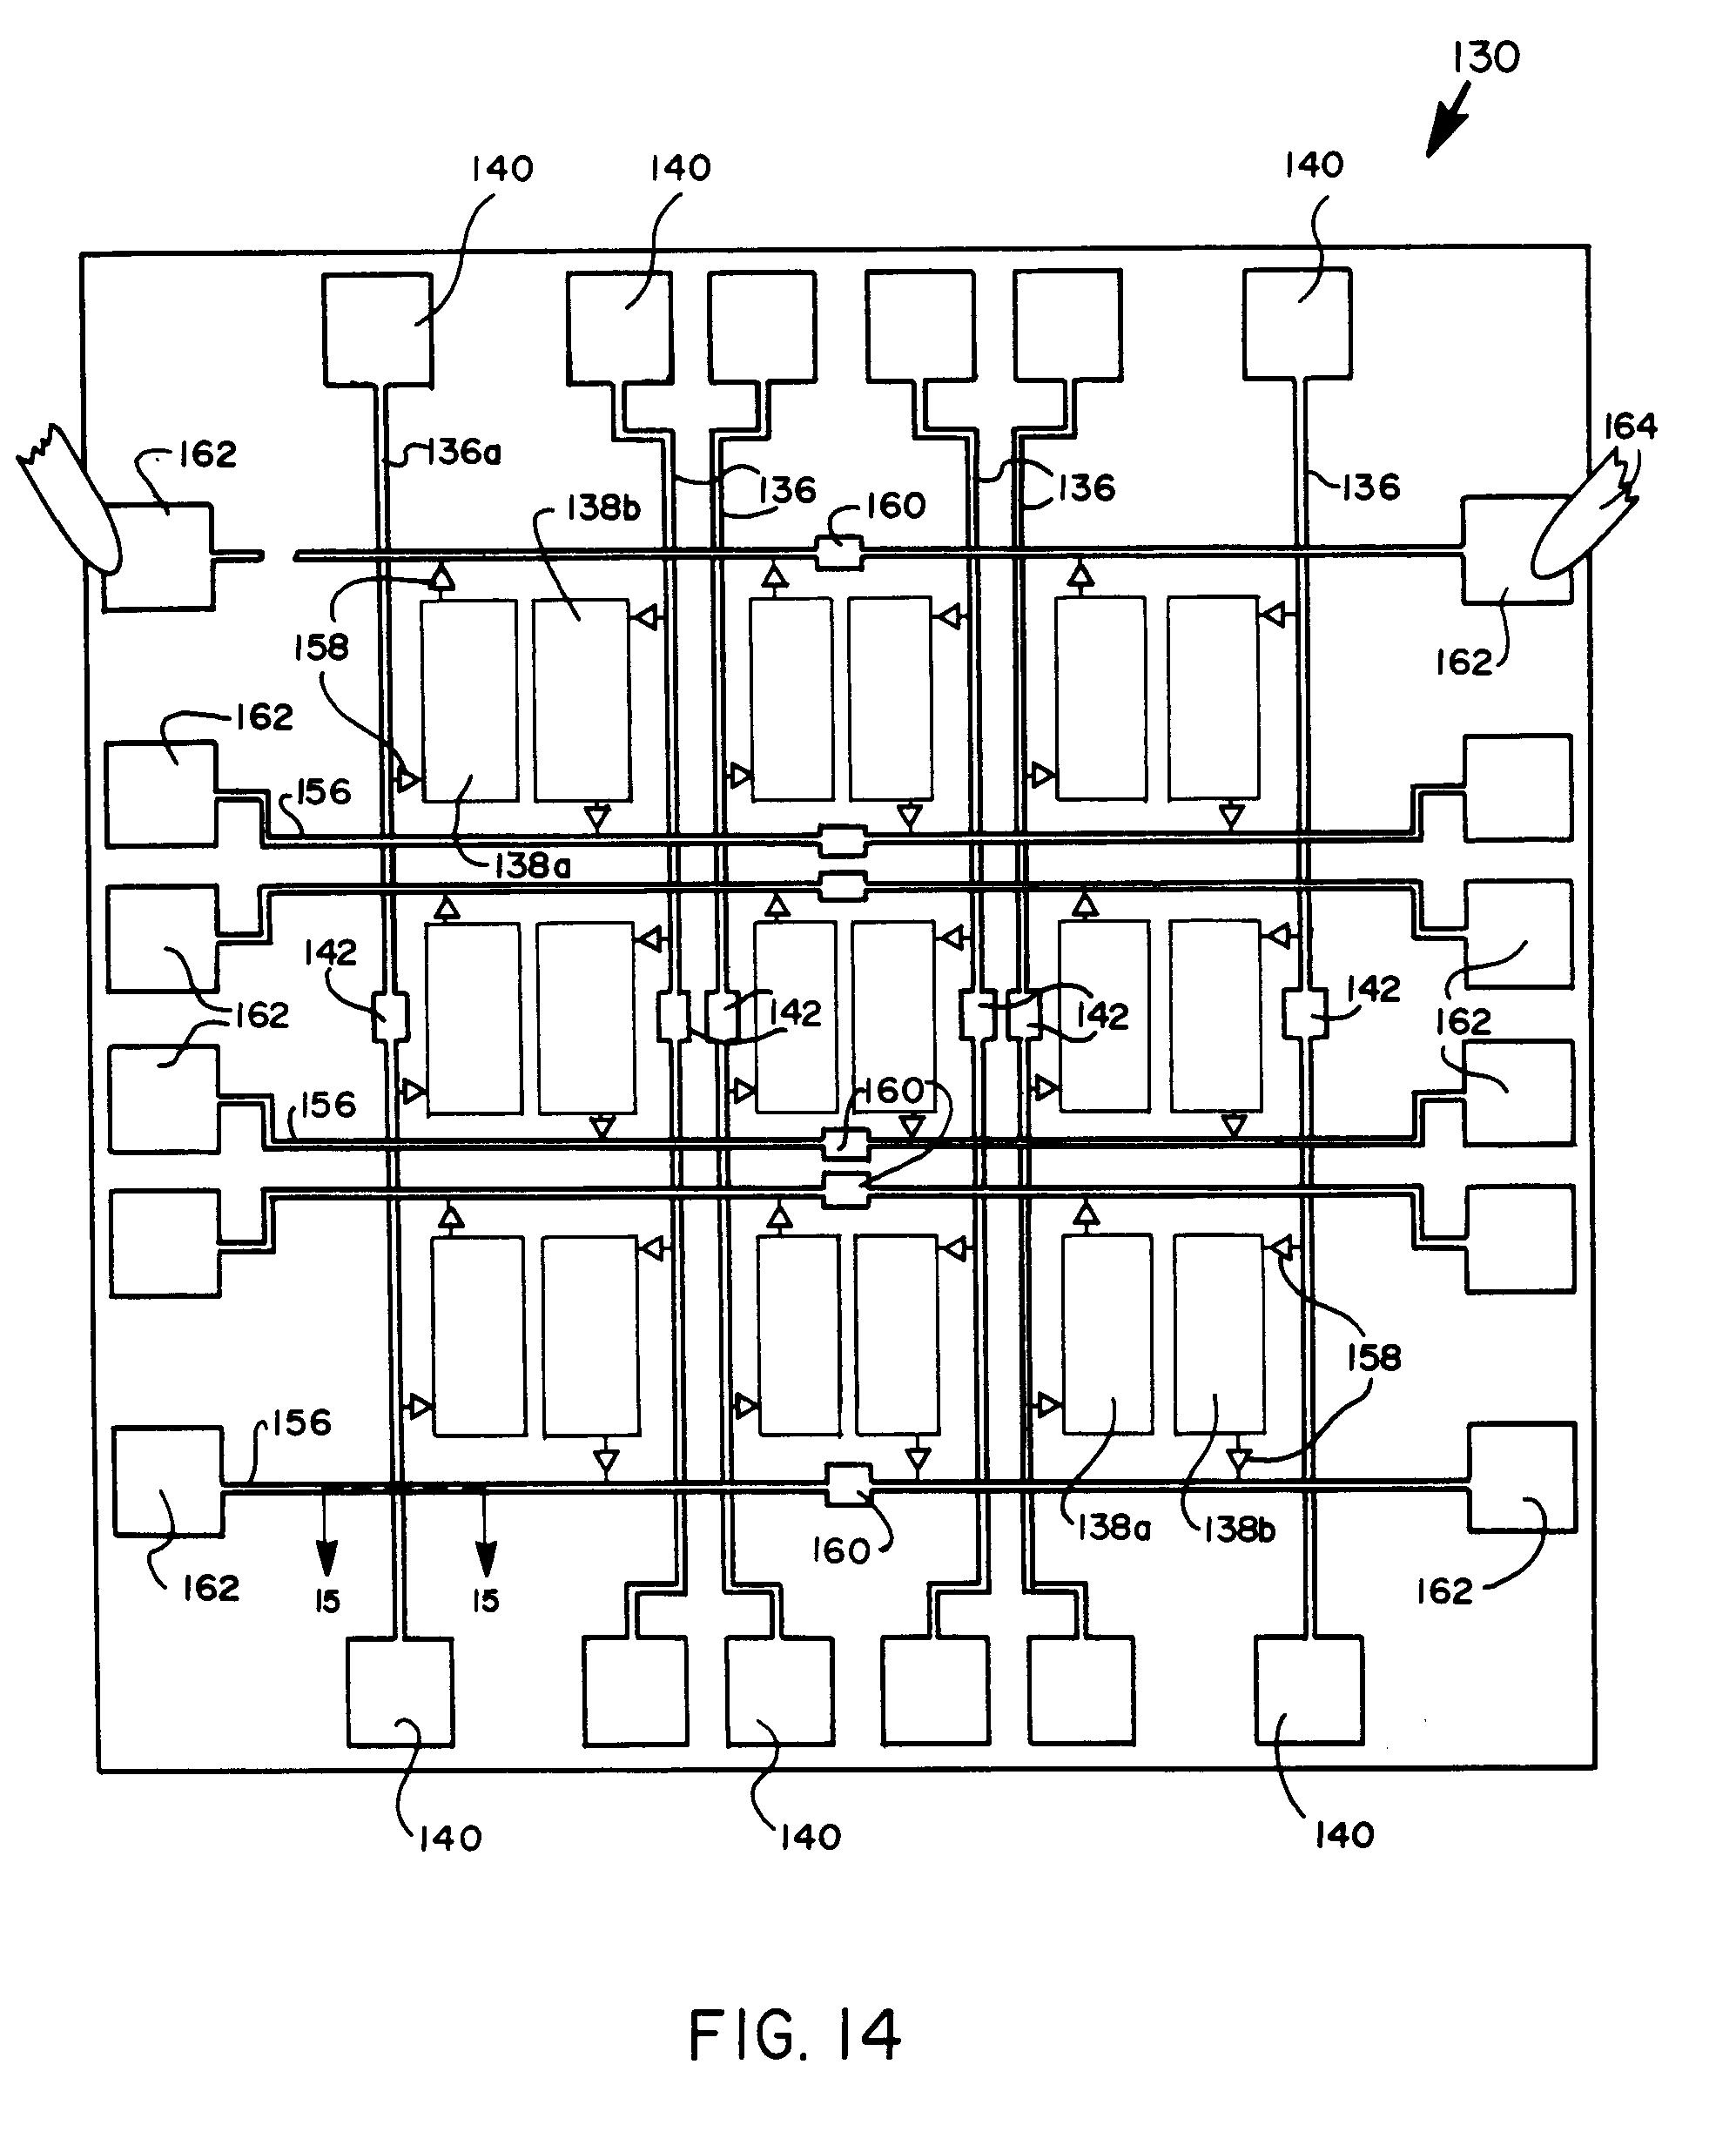 Großartig Elektrische Schaltkreise Herstellen Bilder - Elektrische ...